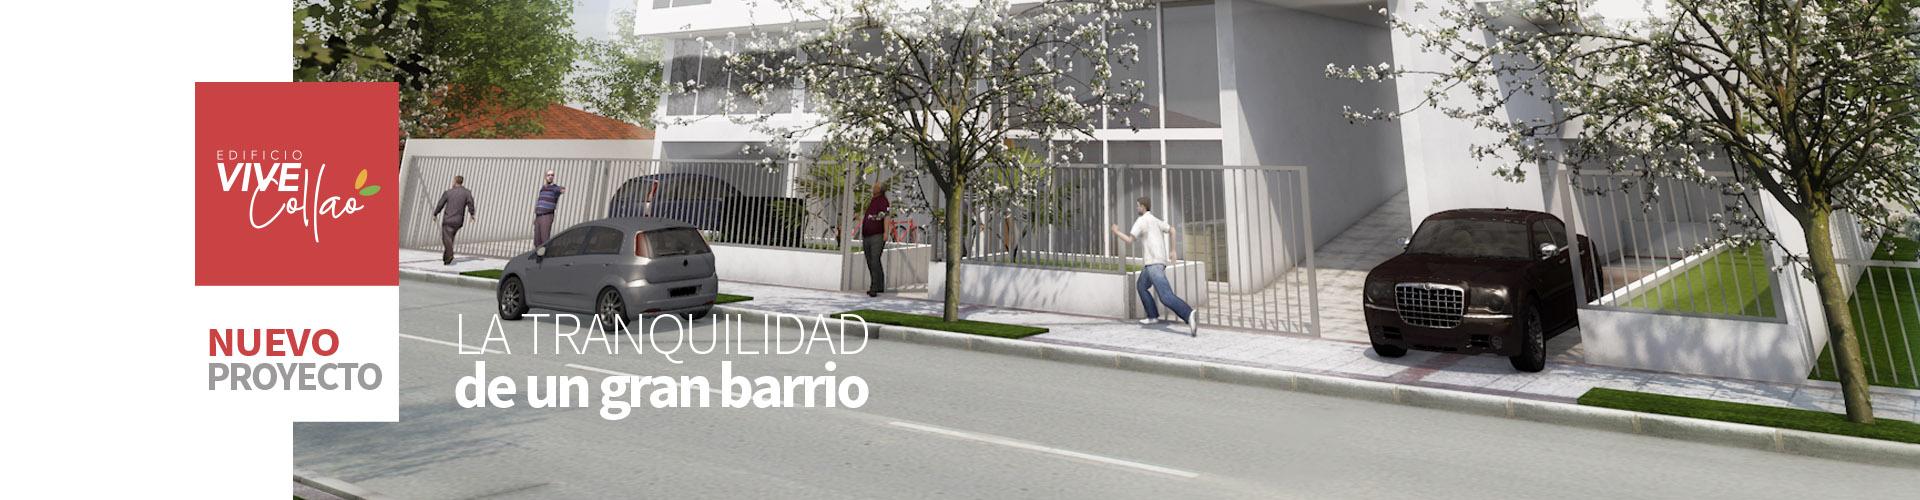 Banner_ViveCollao02